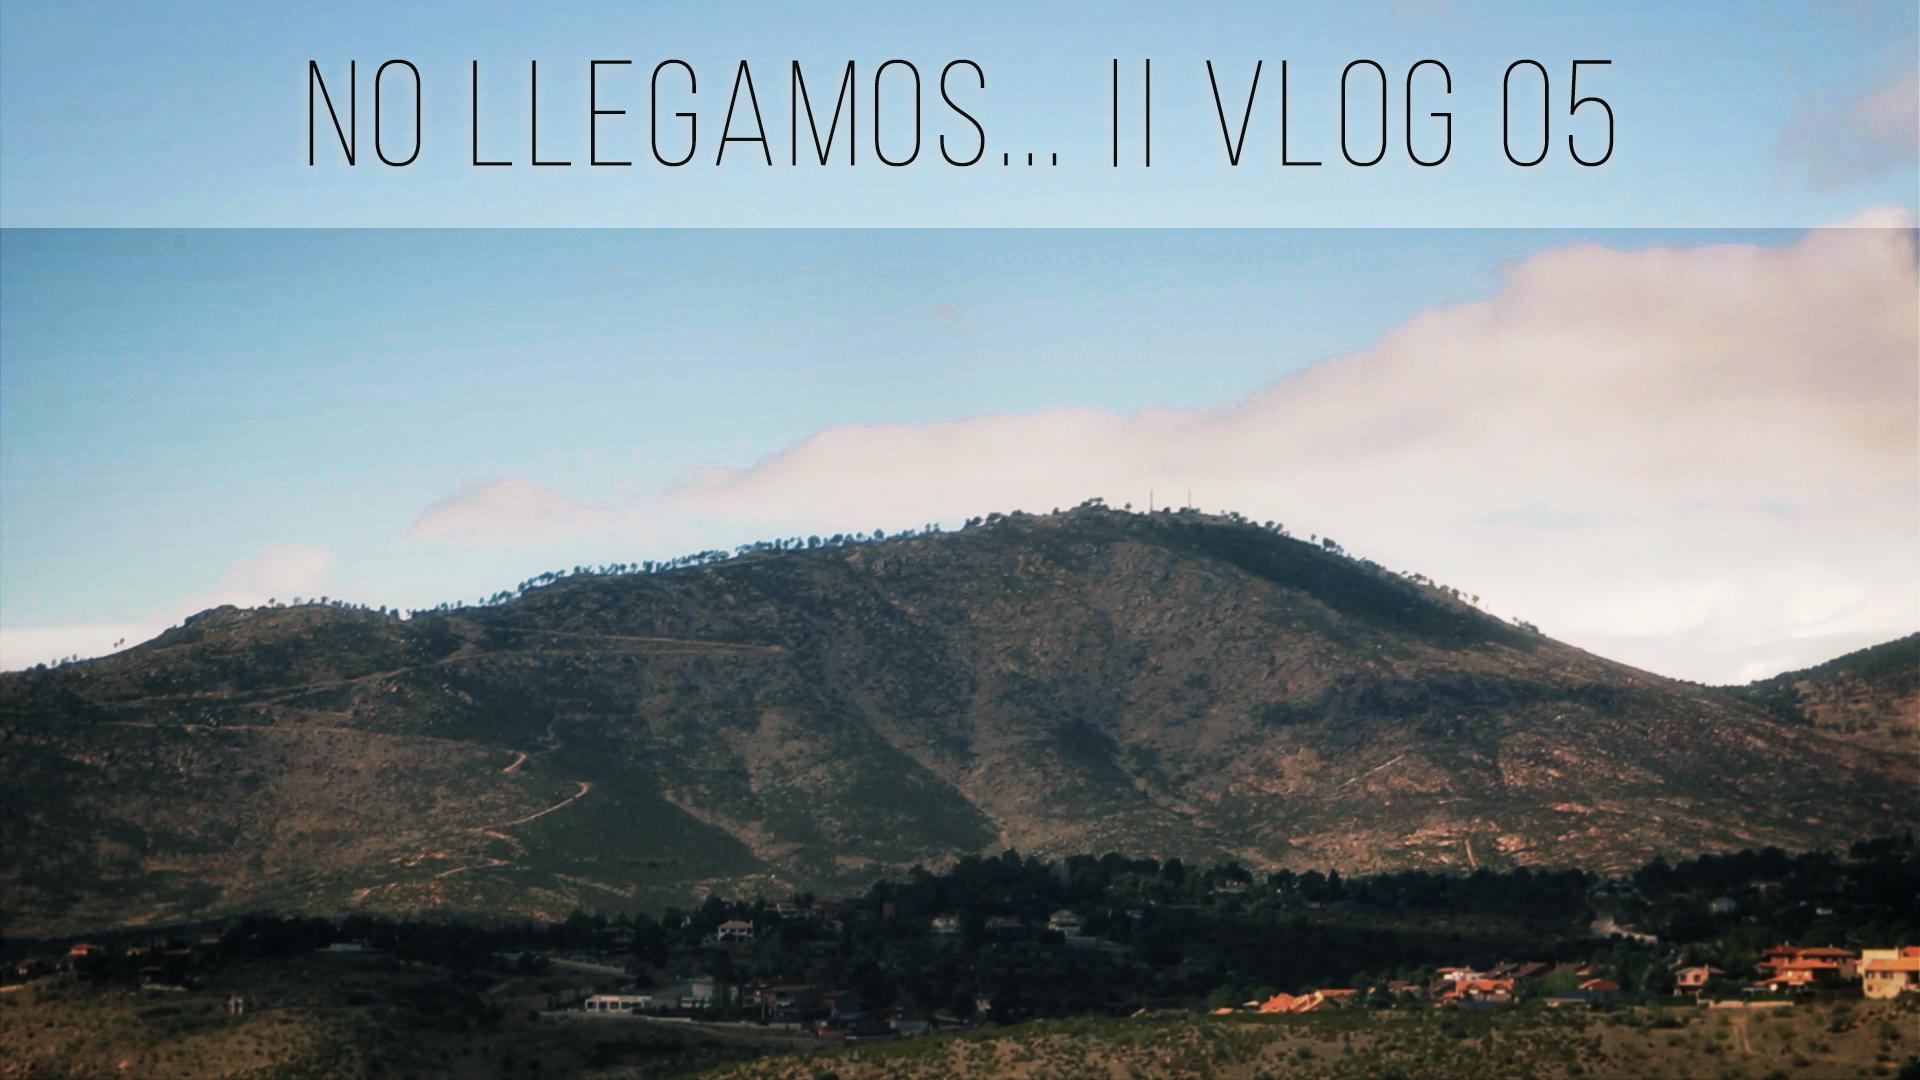 No llegamos… Pico La Almenara || VLOG 05